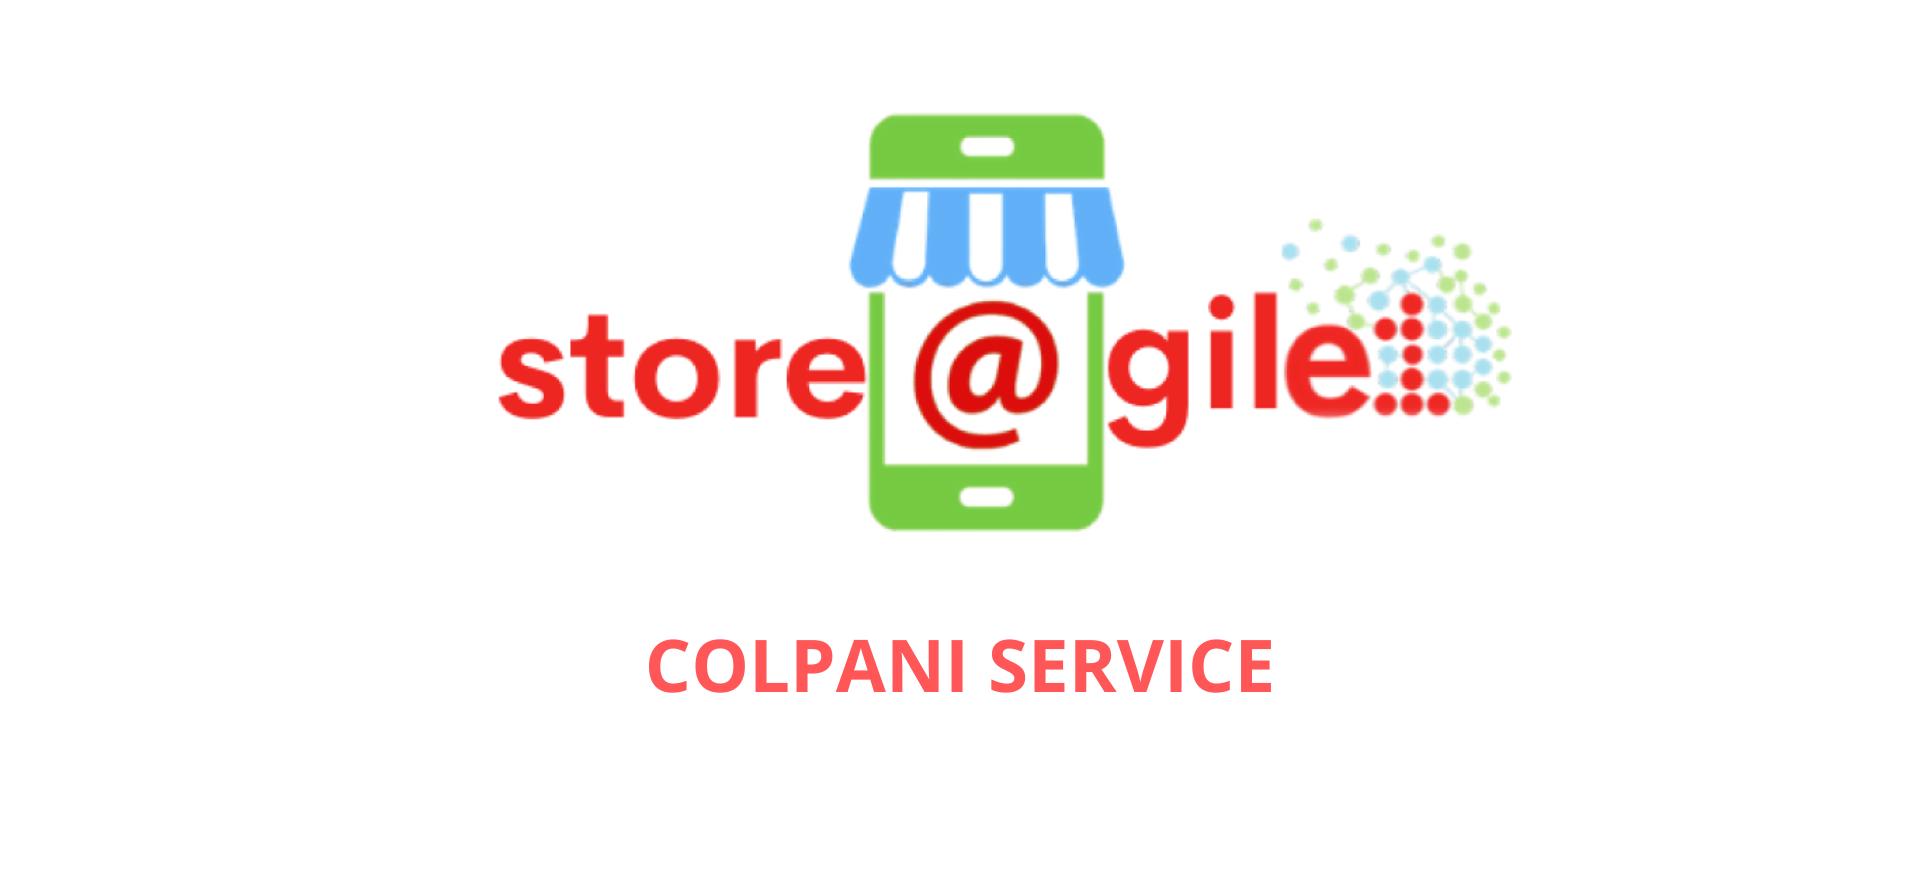 Colpani Service Val Trompia